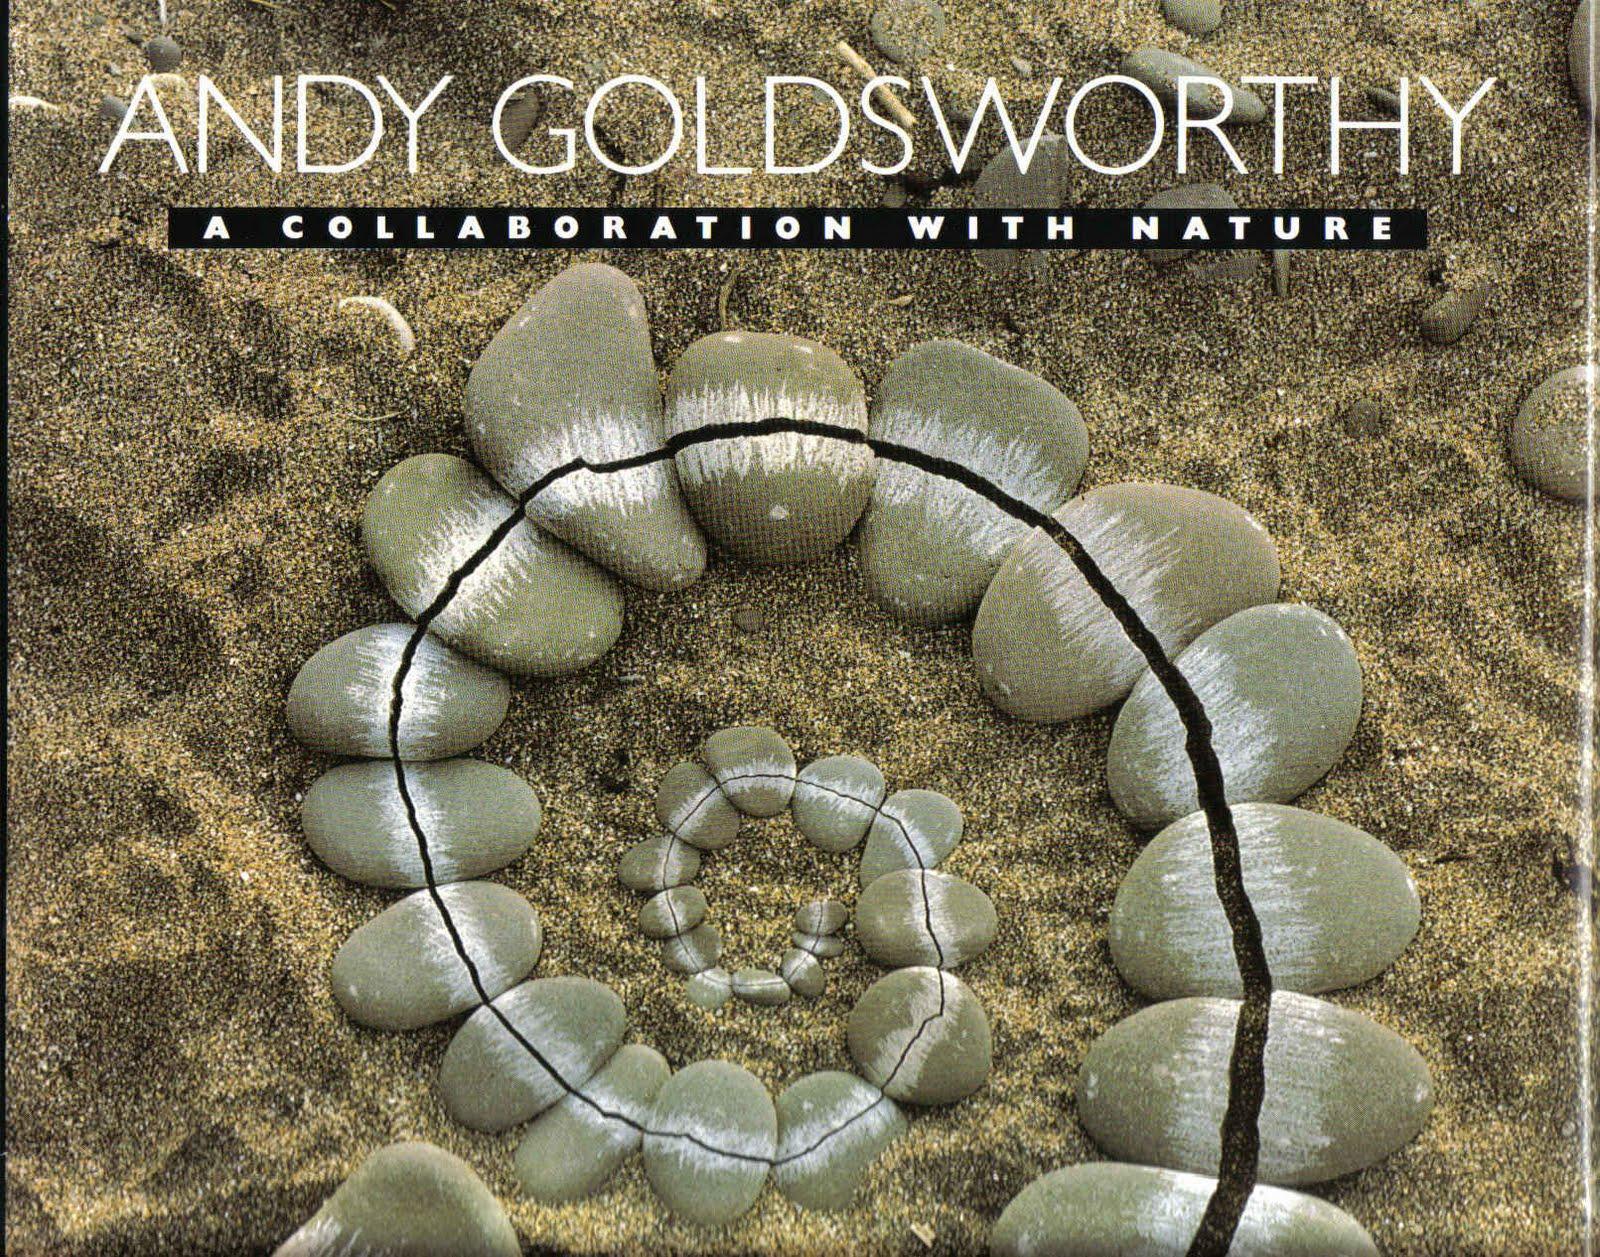 case study any goldsworthy